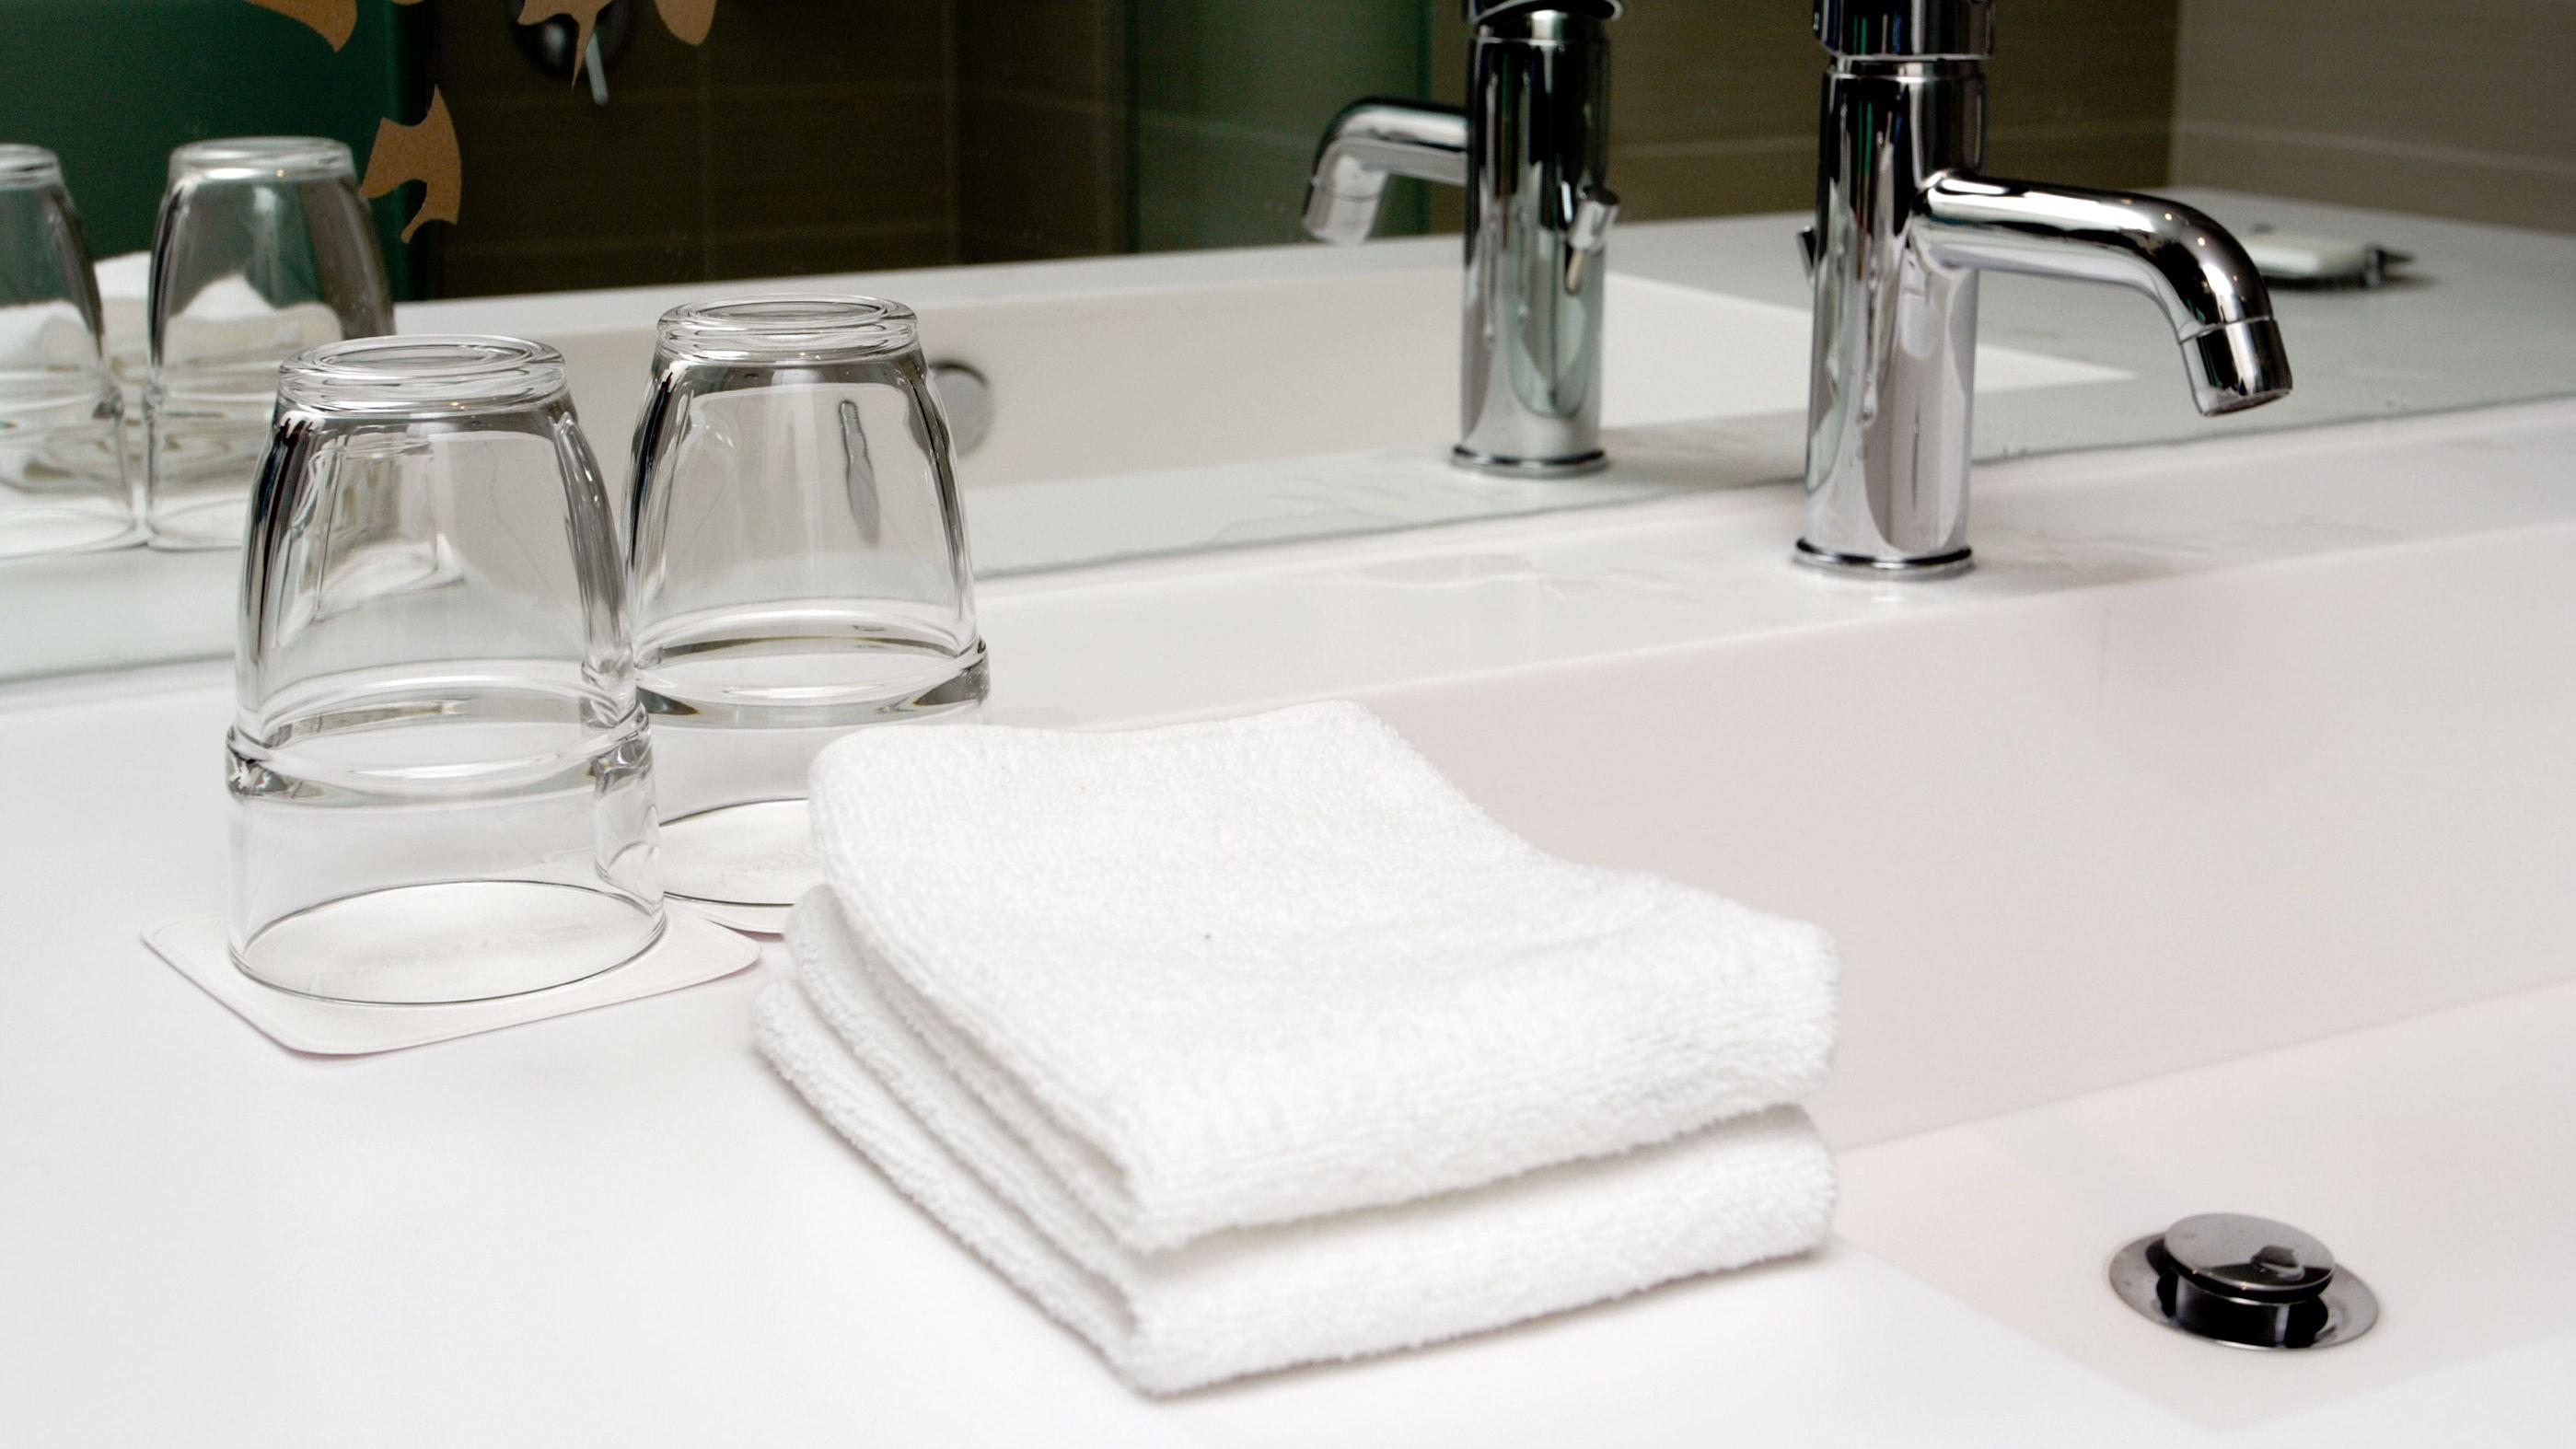 Er glassene på hotellbadet imponerende skinnende og lukter av sitron? Da bør du holde deg unna dem, anbefaler hotellansatte.